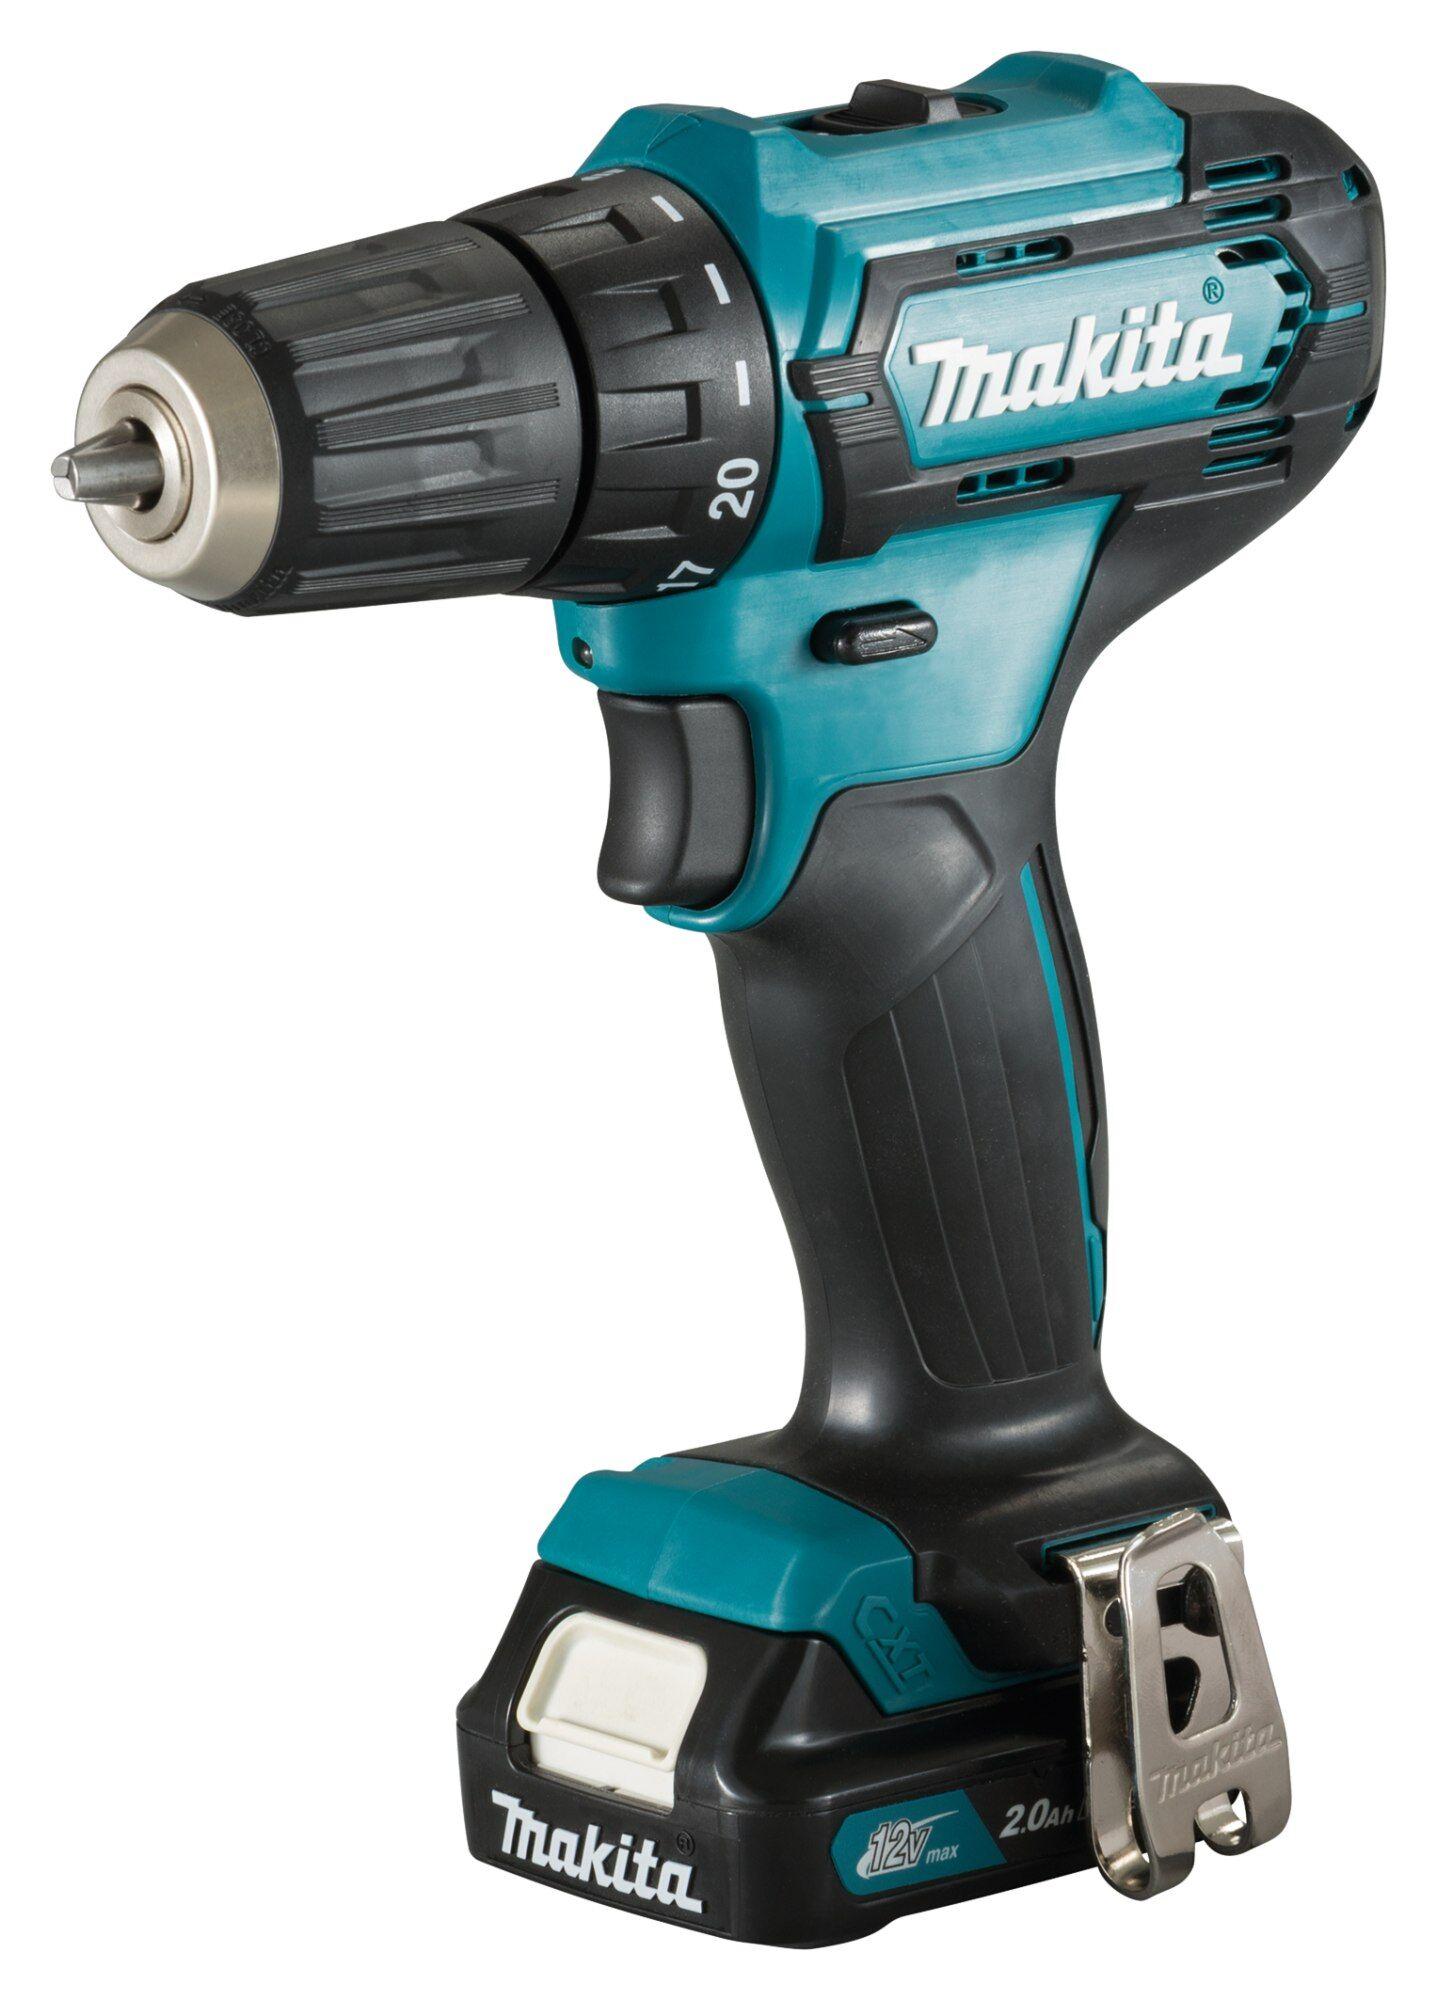 Makita CXT DF333DWAE 12V Max 2Ah akkuporakone